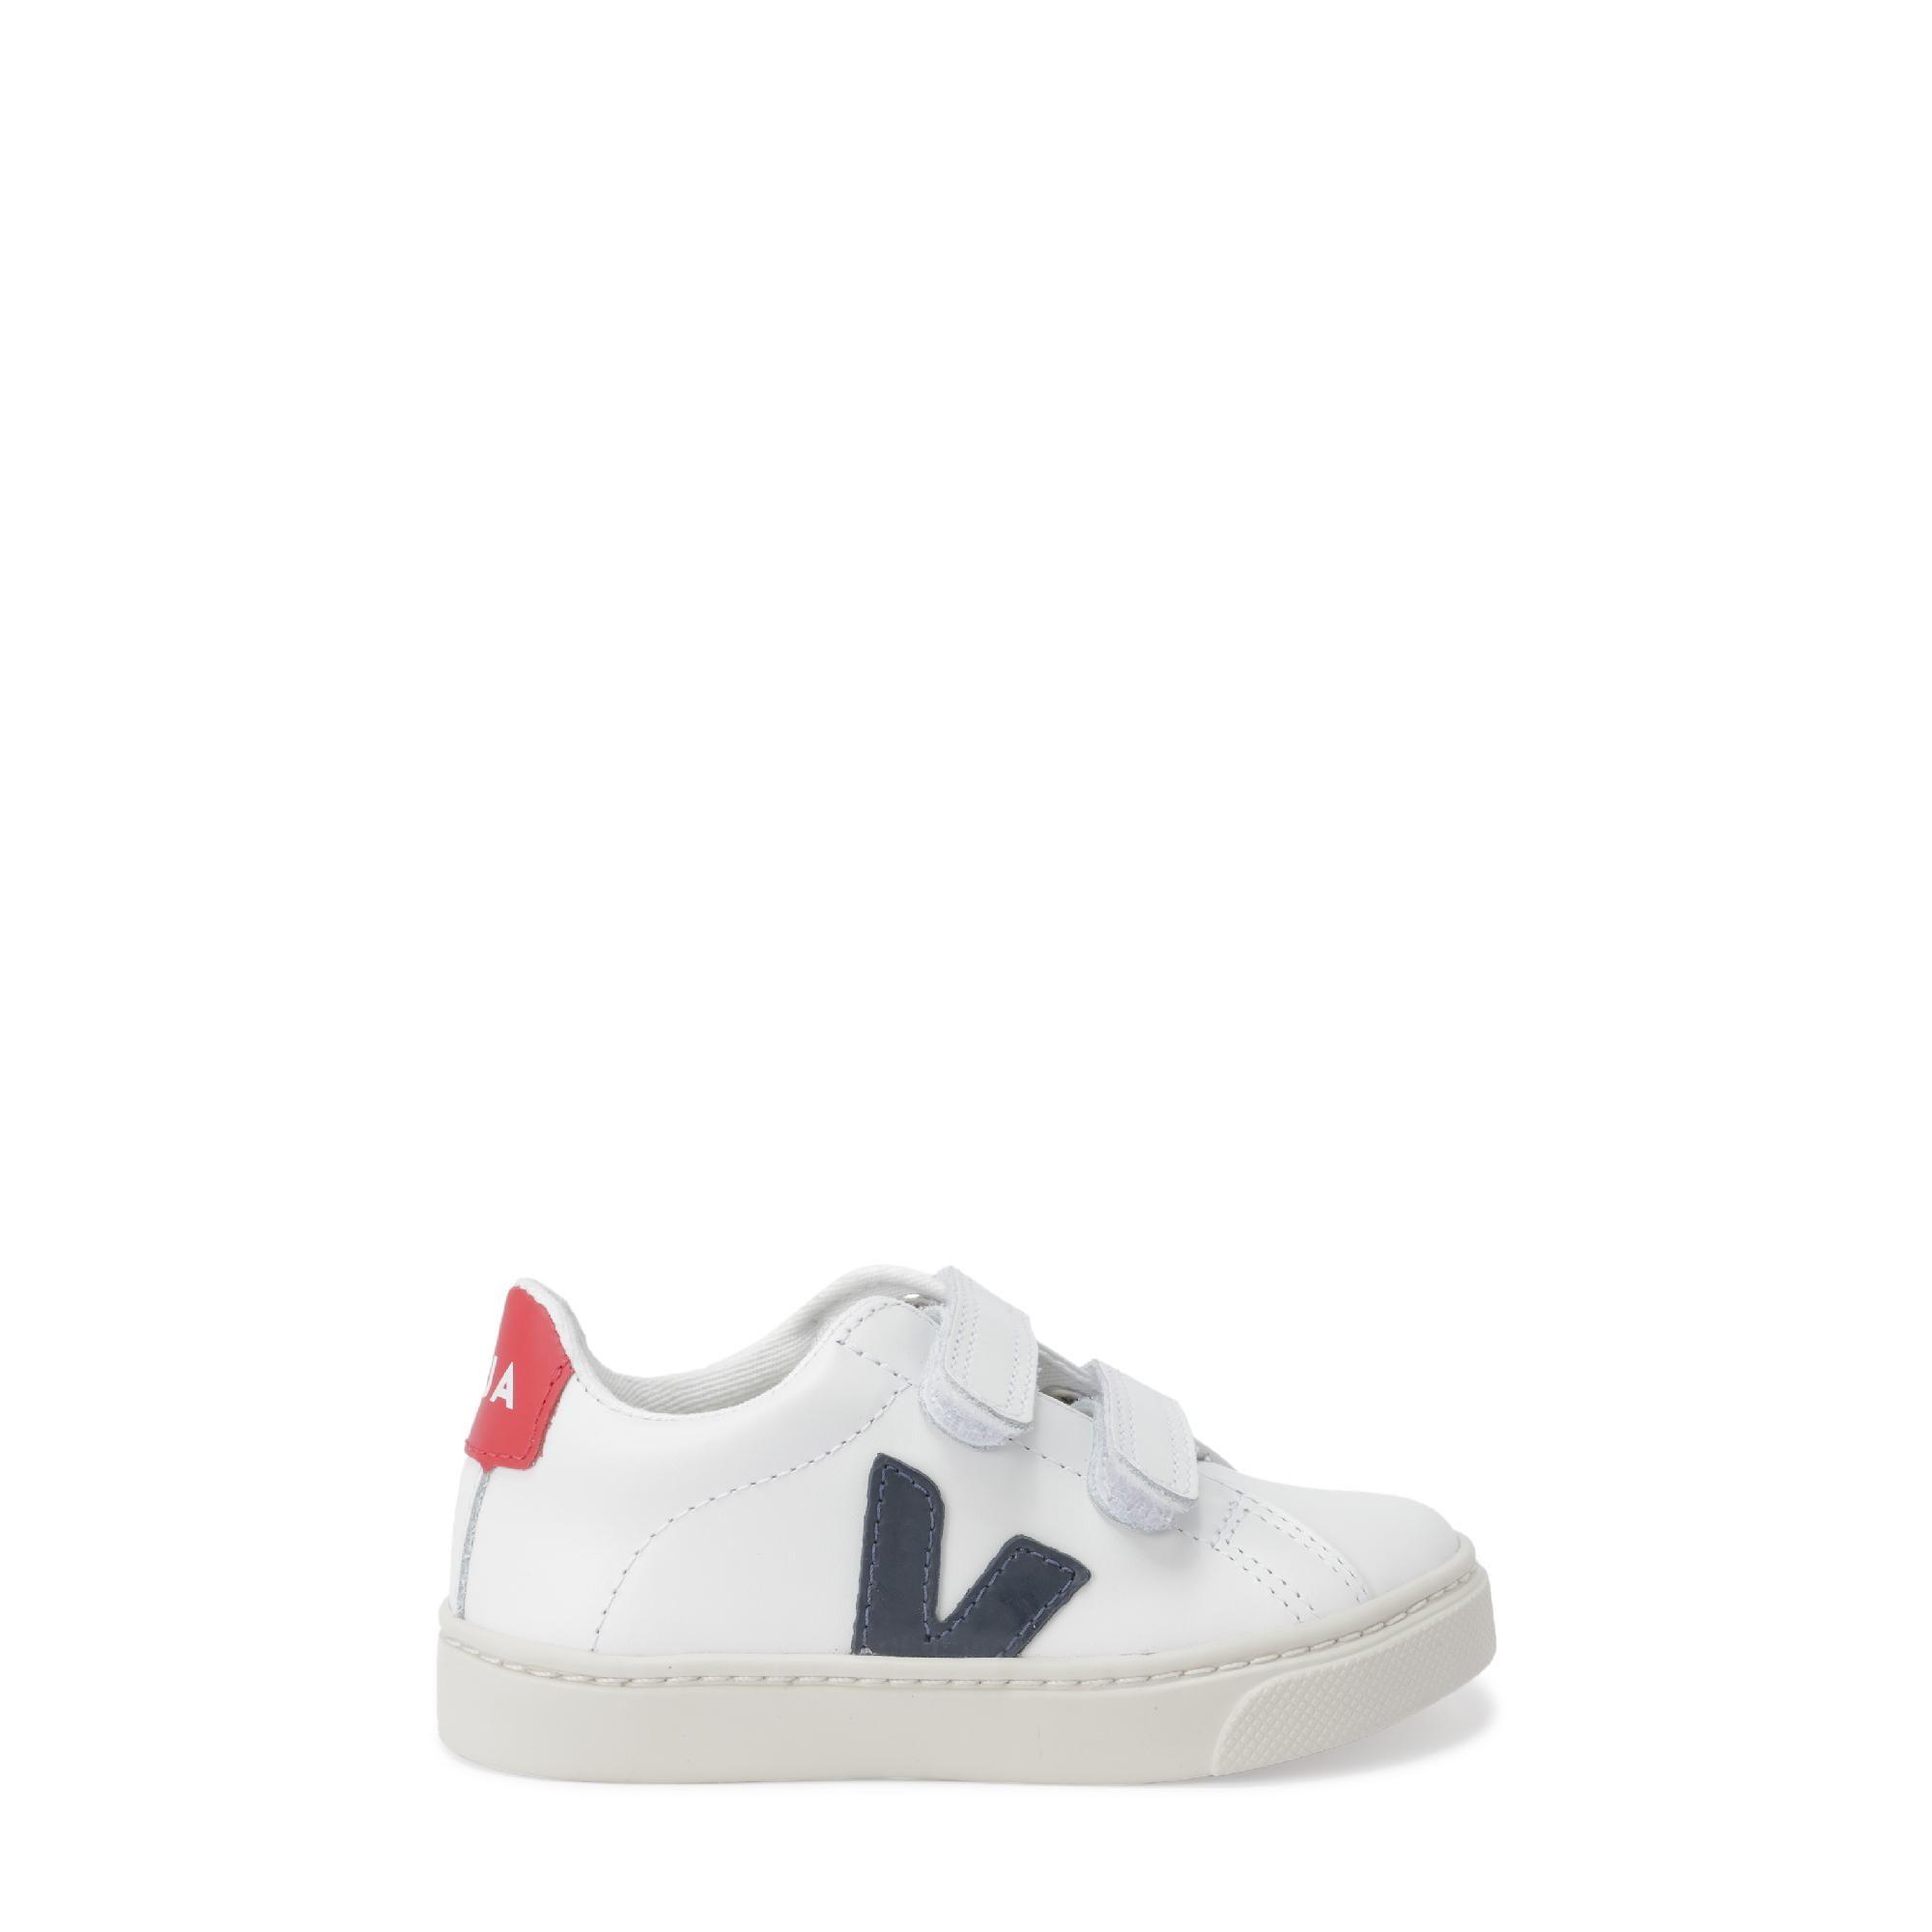 Esplar low-top sneakers